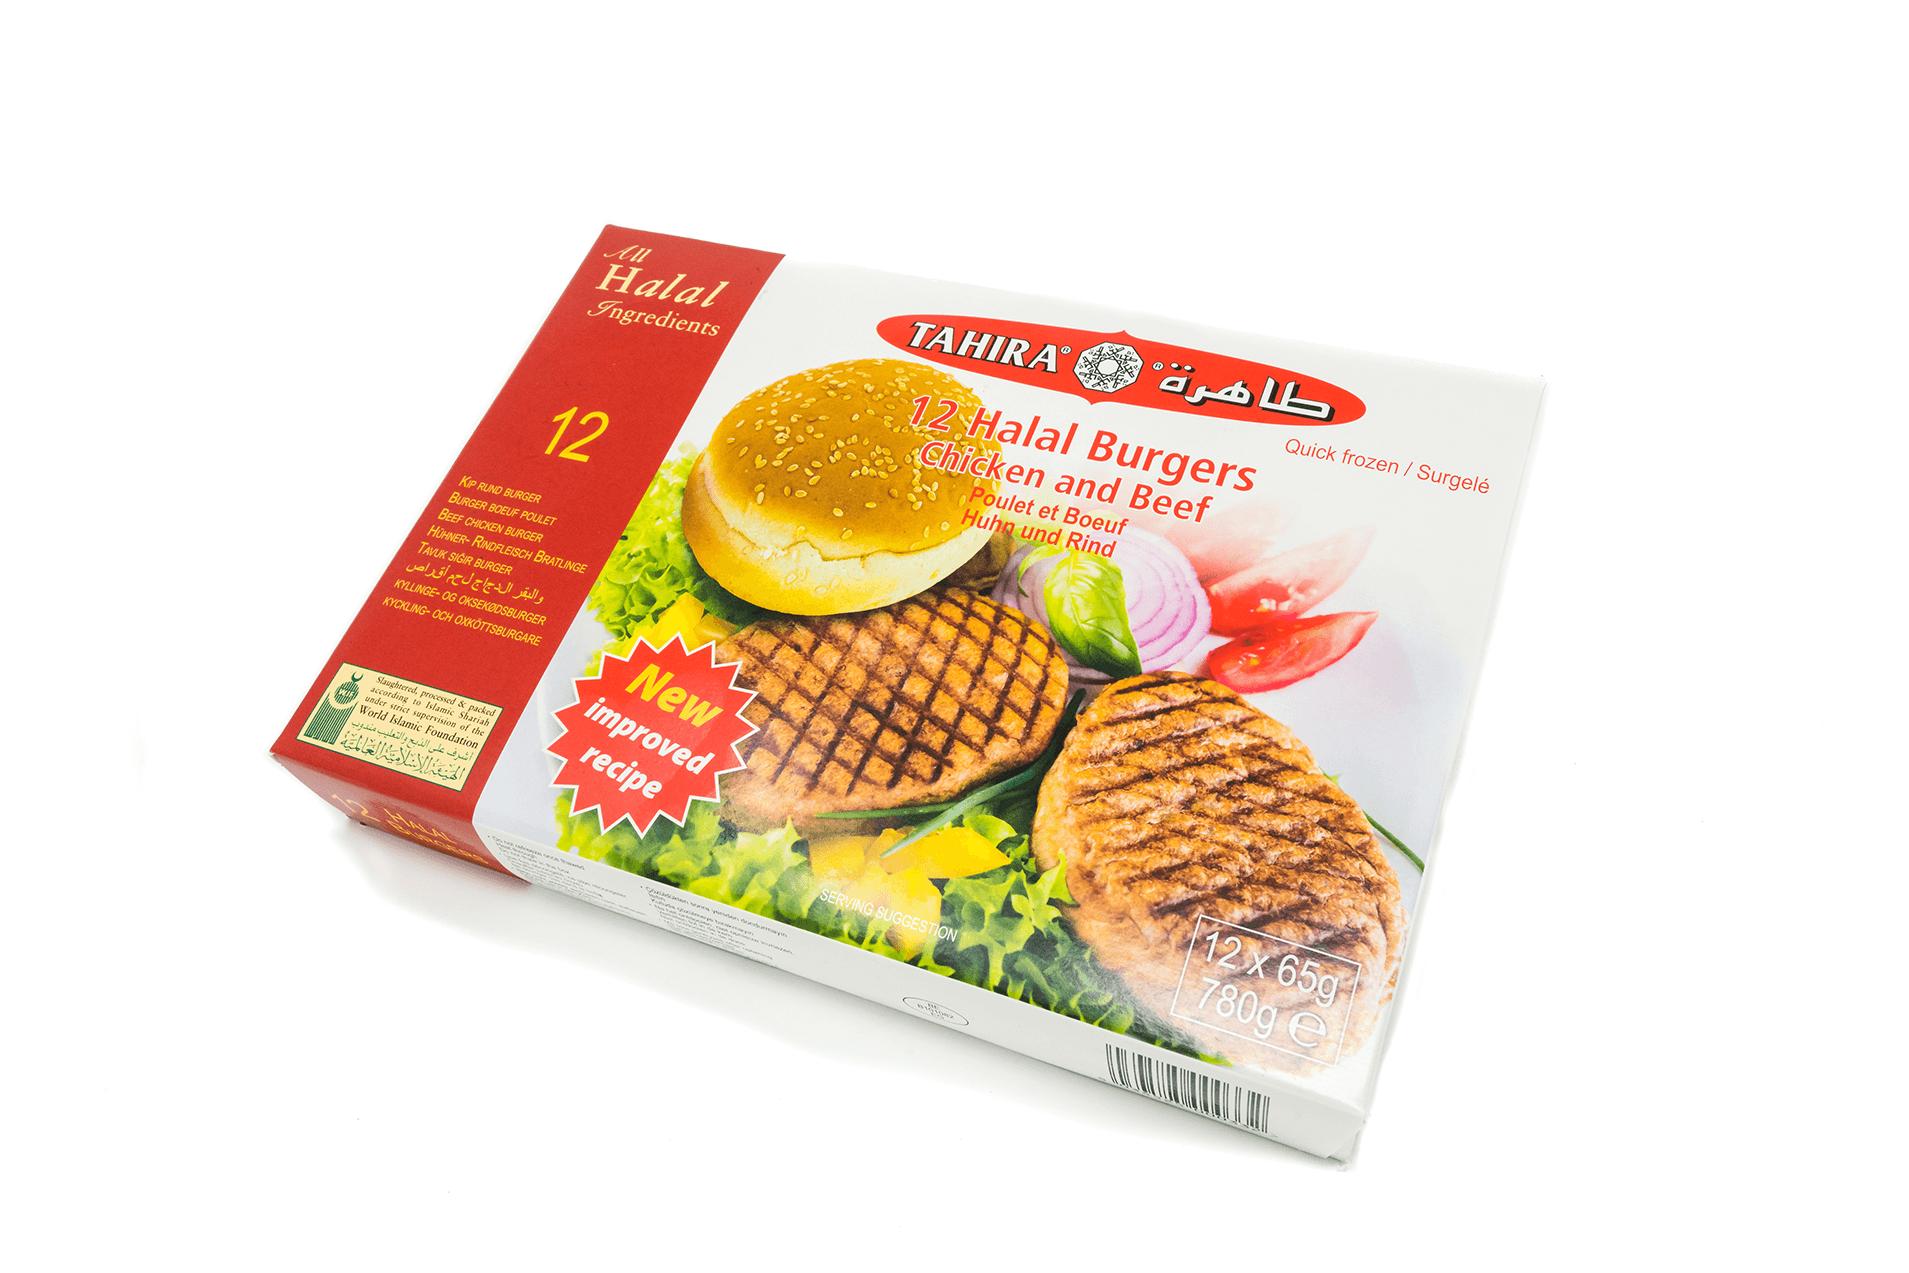 Tahira Chicken & Beef Burgers